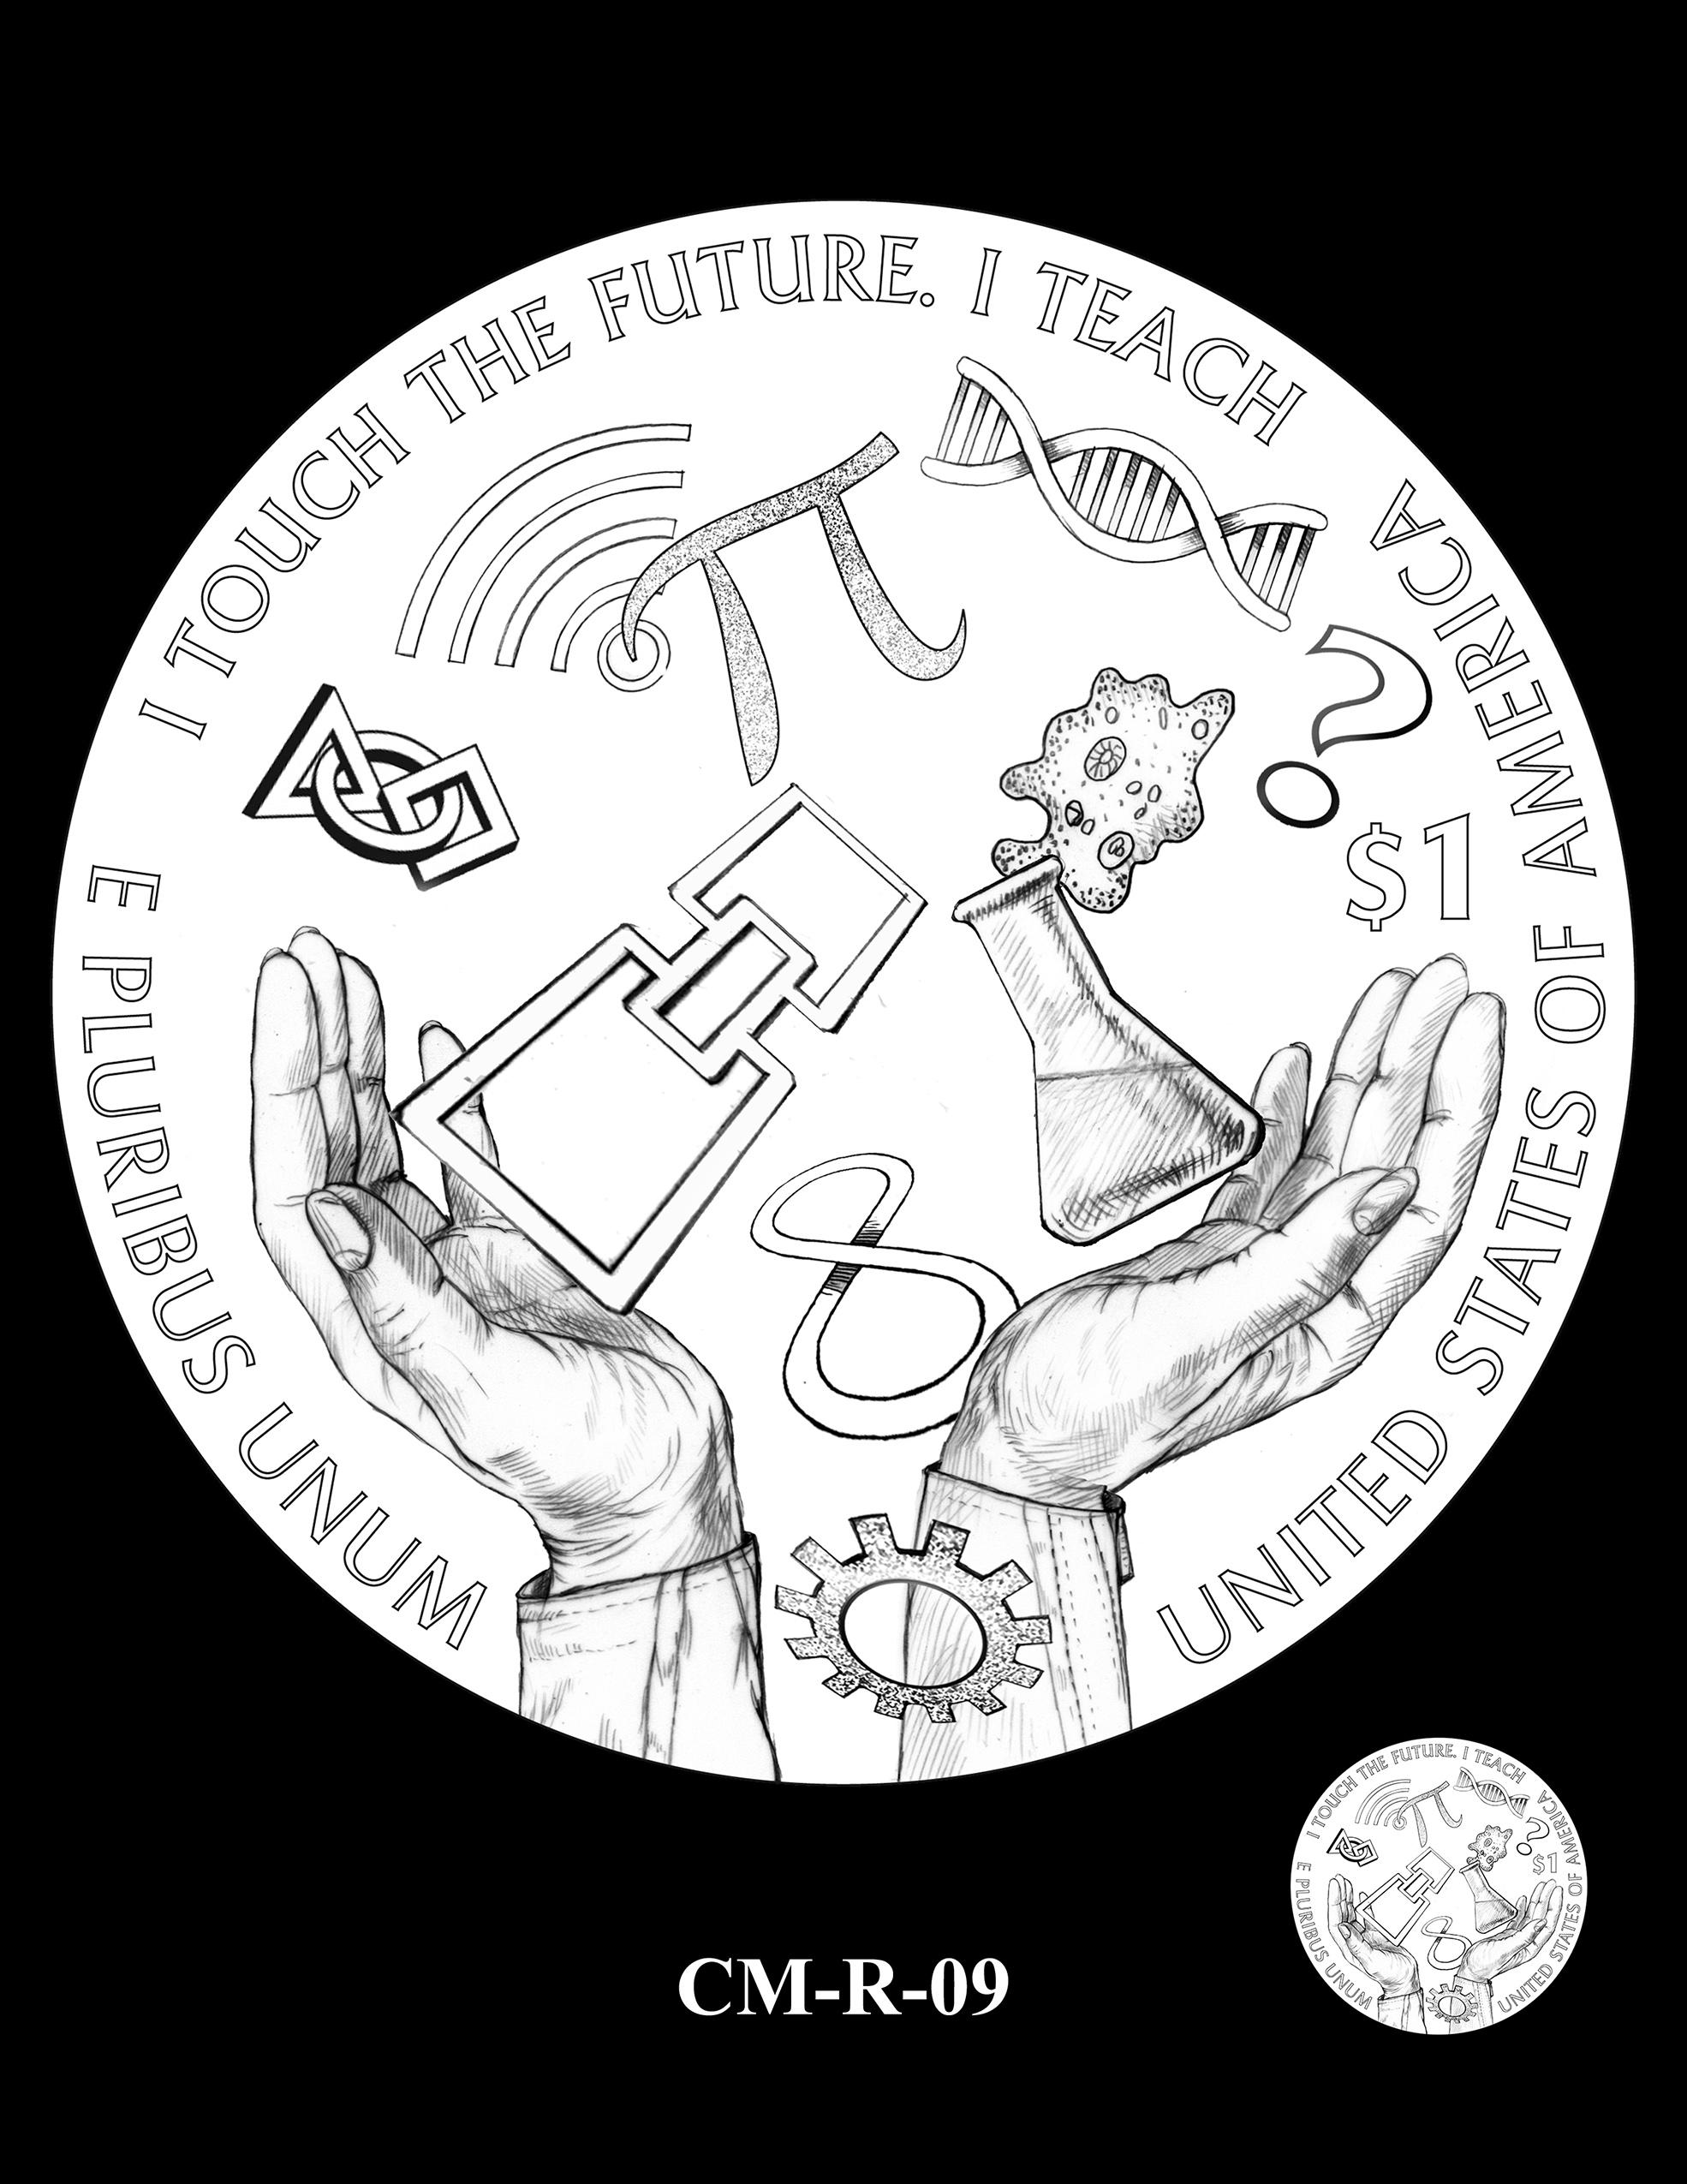 CM-R-09 -- 2021 Christa McAuliffe Commemorative Coin